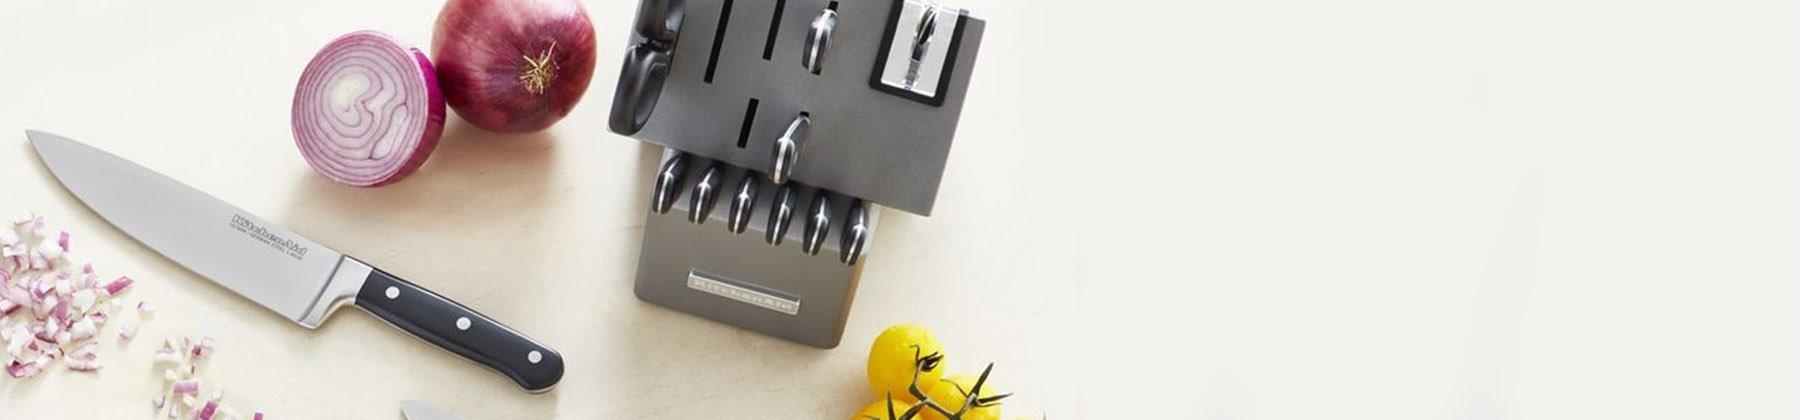 Photo of large knife block sets.